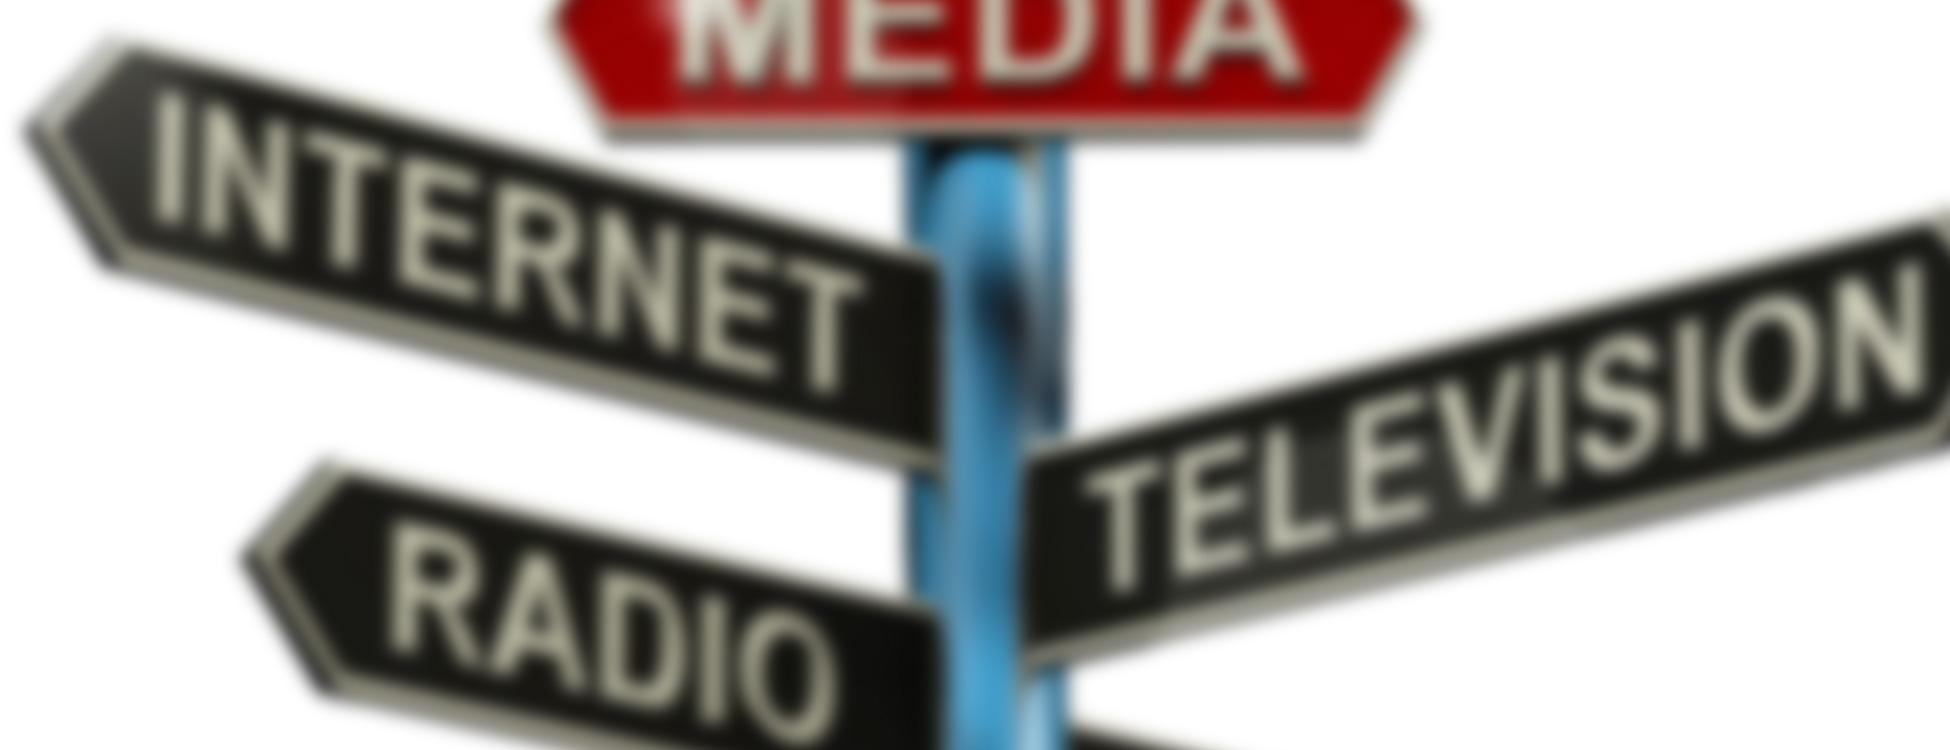 Kies uit radio - televisie - online of print.. of meer